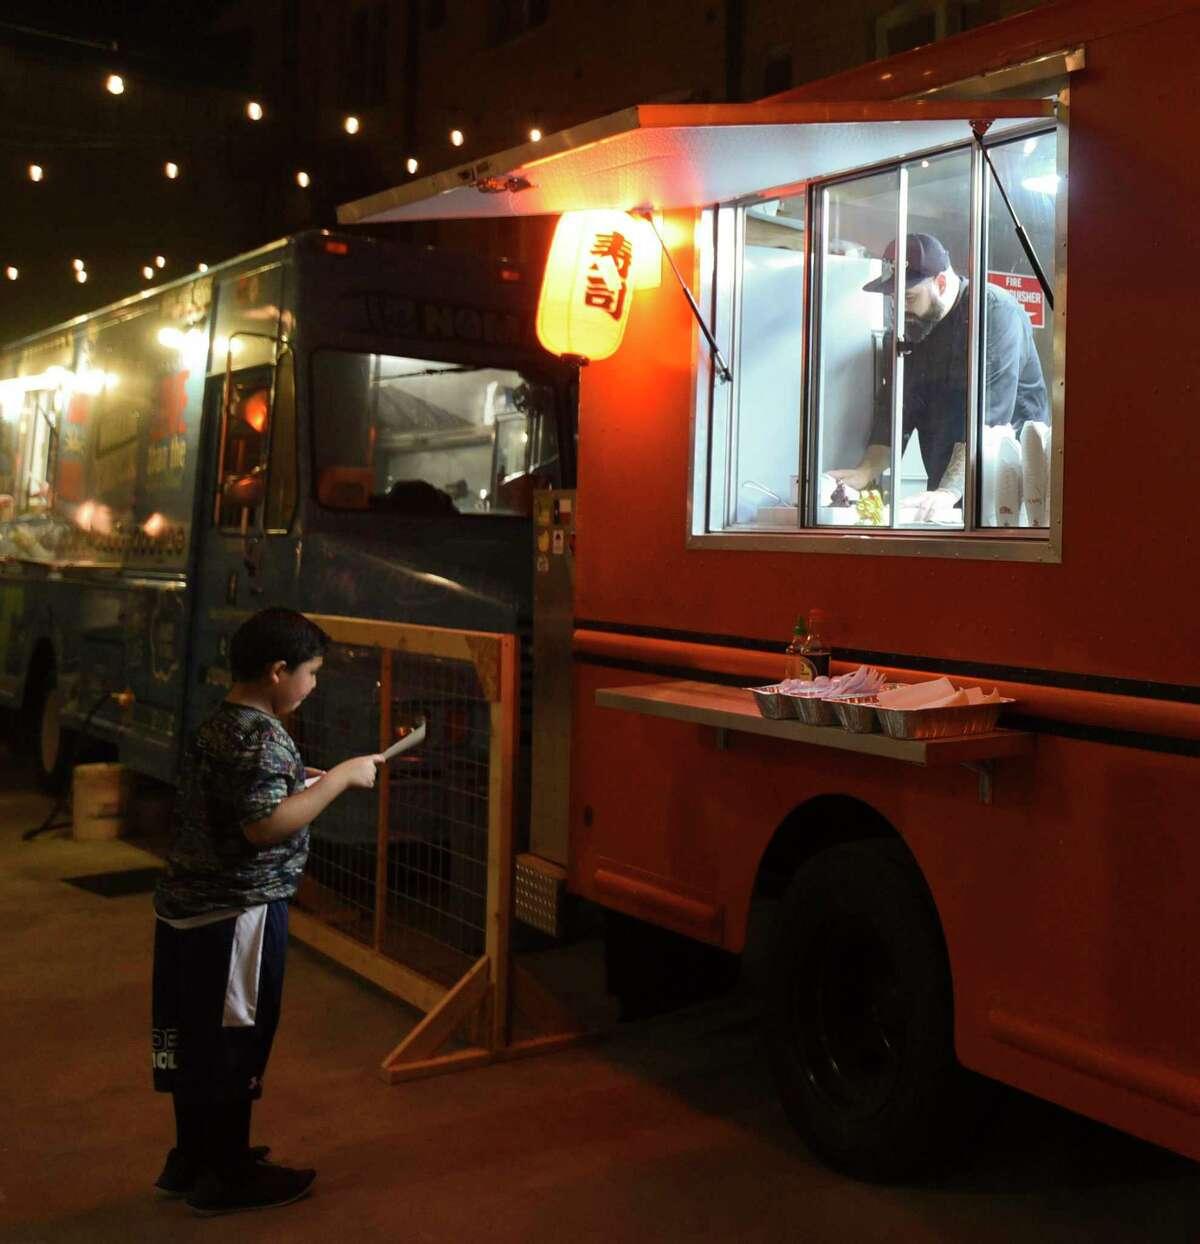 ARCHIVO- Clientes ordenan en el camión de comida Wok-A-Mole, el viernes 15 de febrero de 2019, en Cultura Beer Garden.